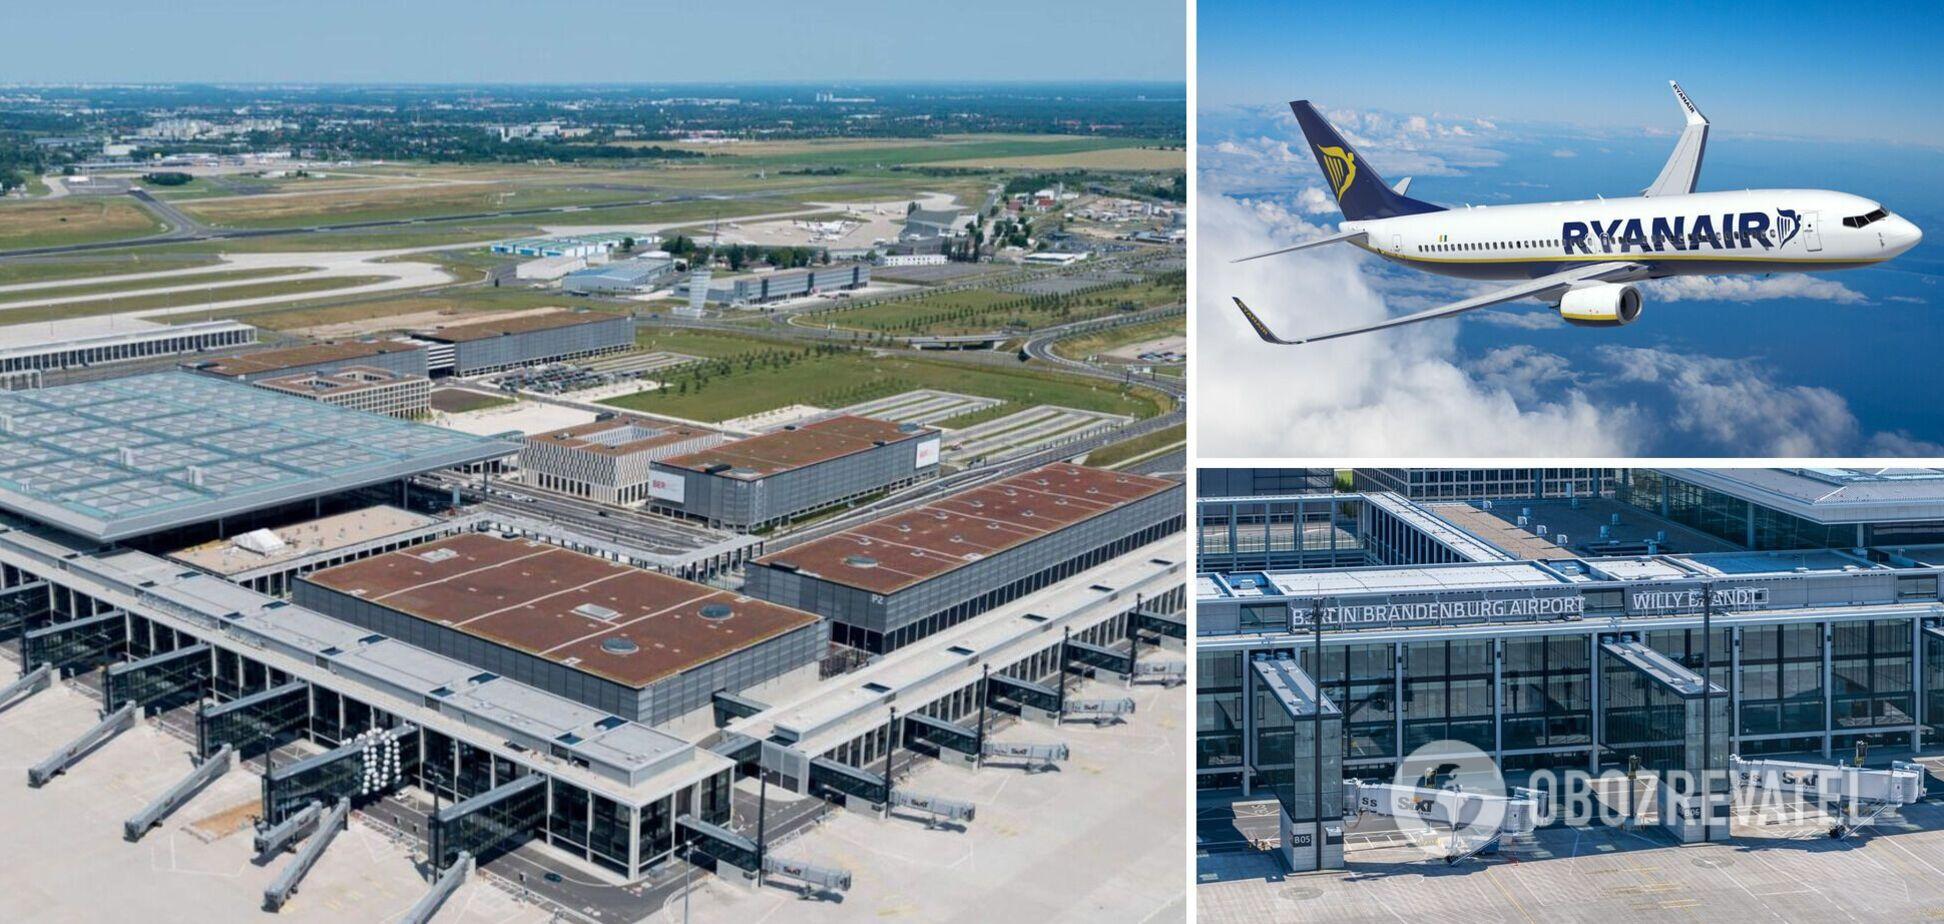 В Европе экстренно посадили еще один 'заминированный' самолет Ryanair